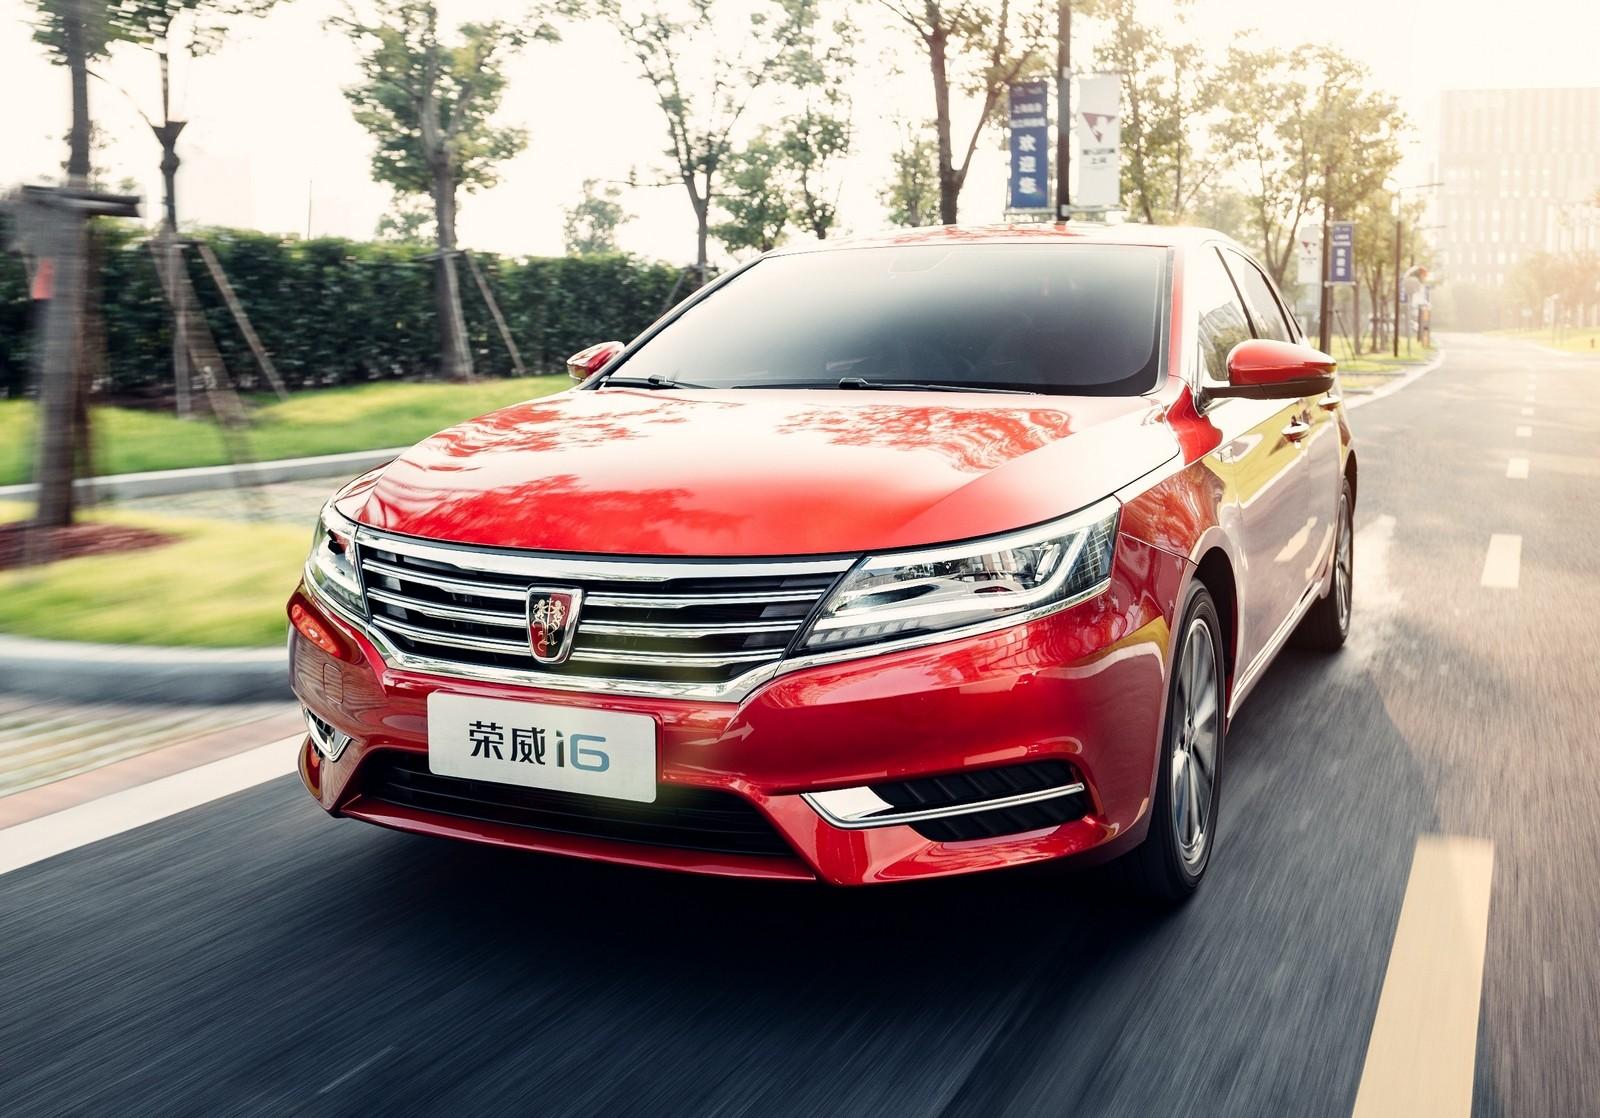 Китайцы выпускают в реализацию седан Roewe i6— копию Фольксваген Passat